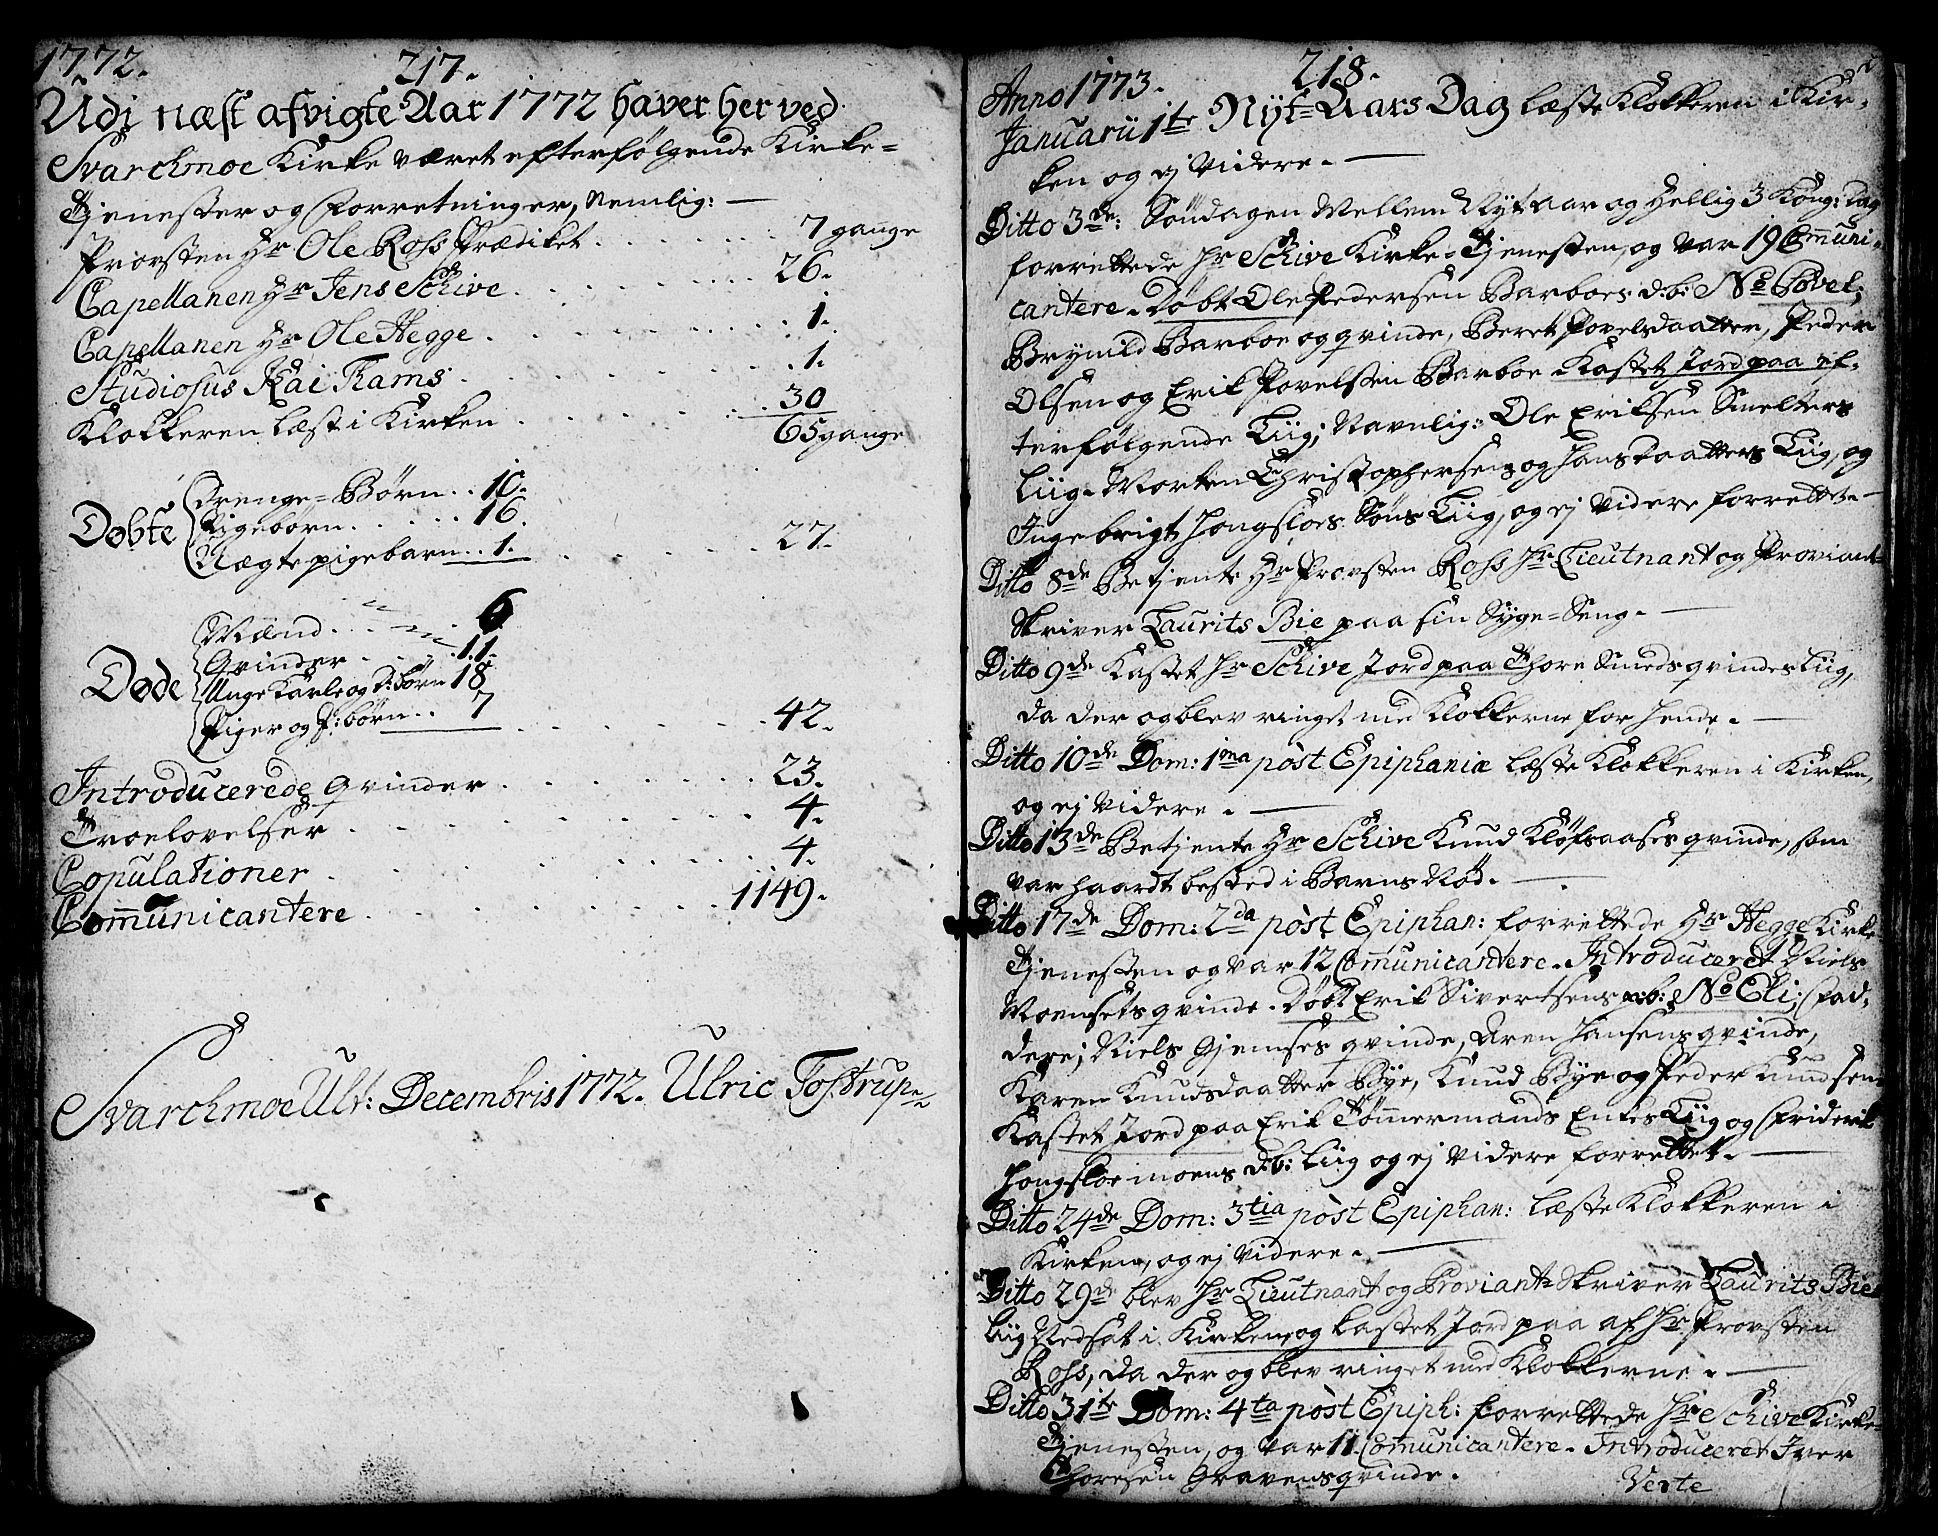 SAT, Ministerialprotokoller, klokkerbøker og fødselsregistre - Sør-Trøndelag, 671/L0840: Ministerialbok nr. 671A02, 1756-1794, s. 217-218